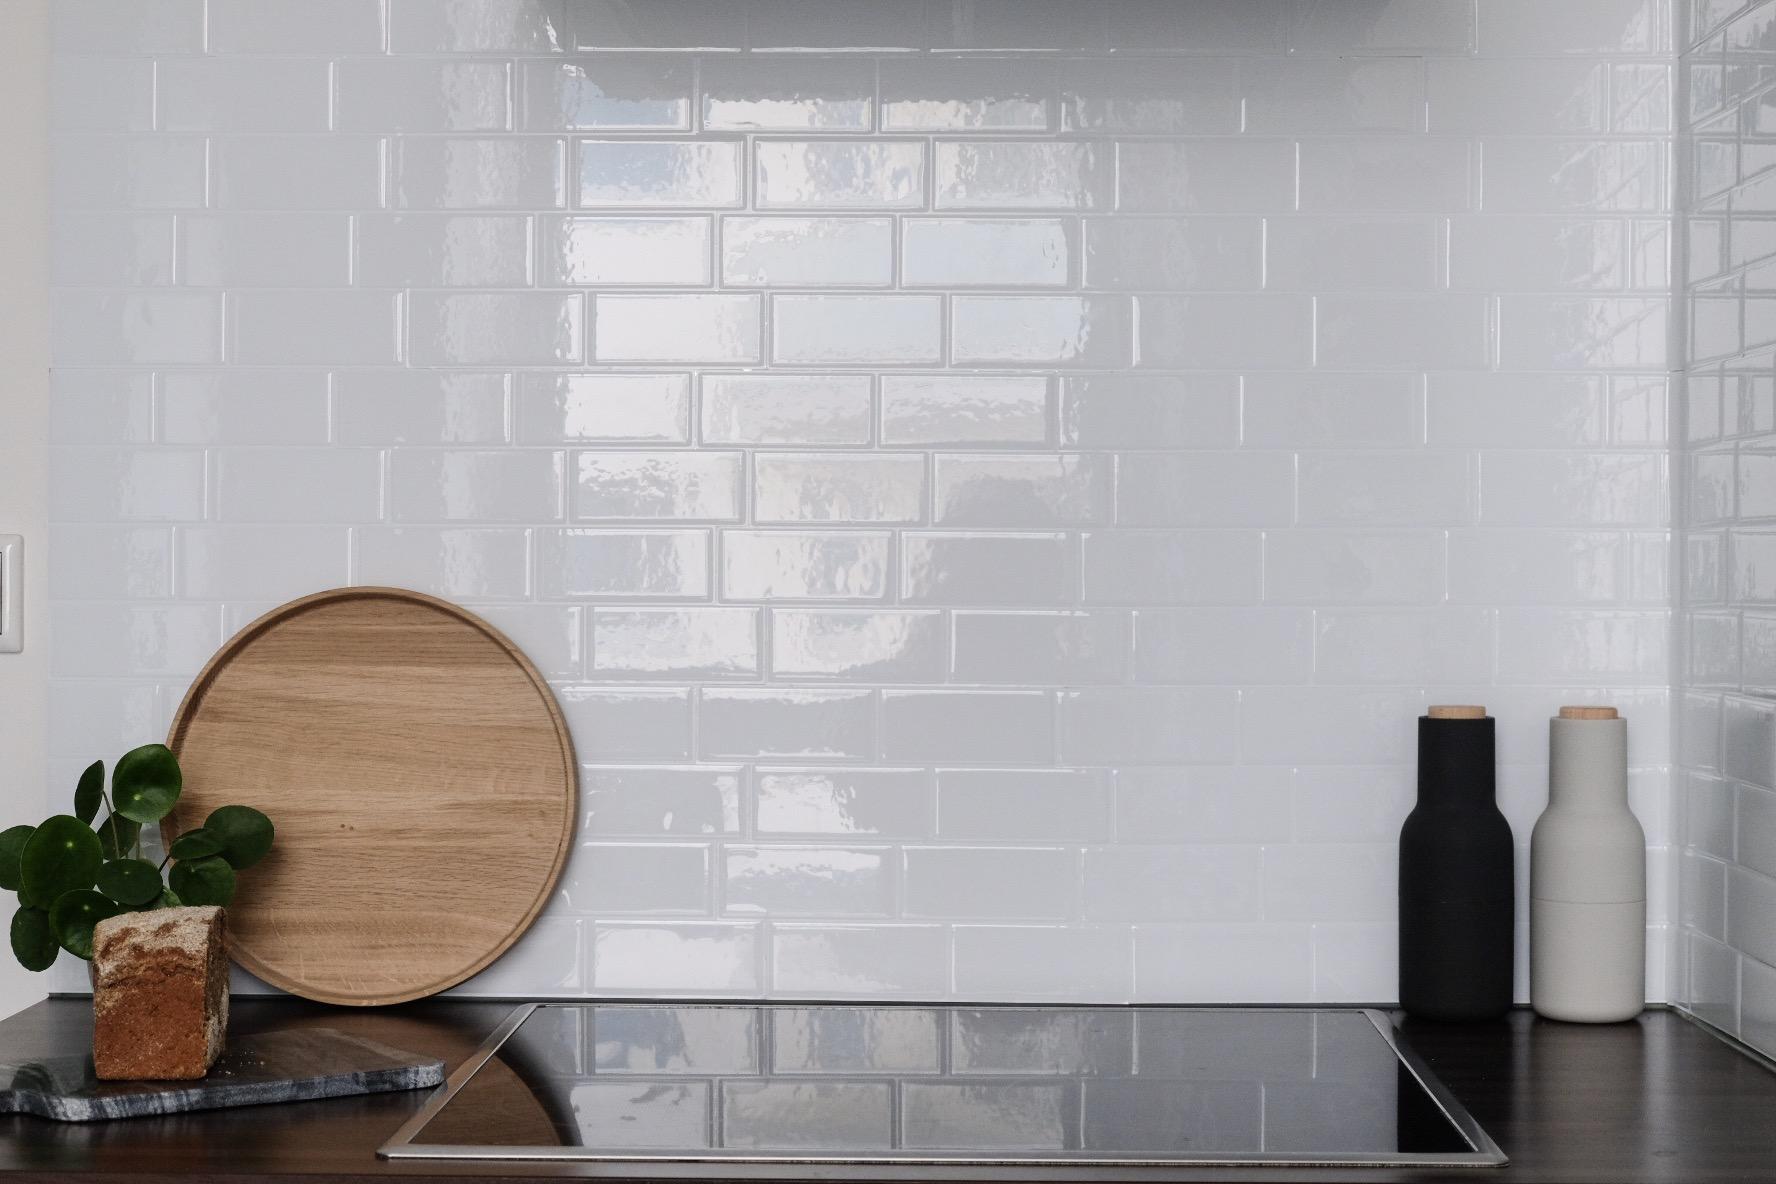 Full Size of Küche Wandfliesen Geht Das Auch In Schn Meine Neuen Selbstklebenden Holzofen Einbauküche Ohne Kühlschrank Oberschrank Jalousieschrank Sitzbank Pendelleuchte Wohnzimmer Küche Wandfliesen